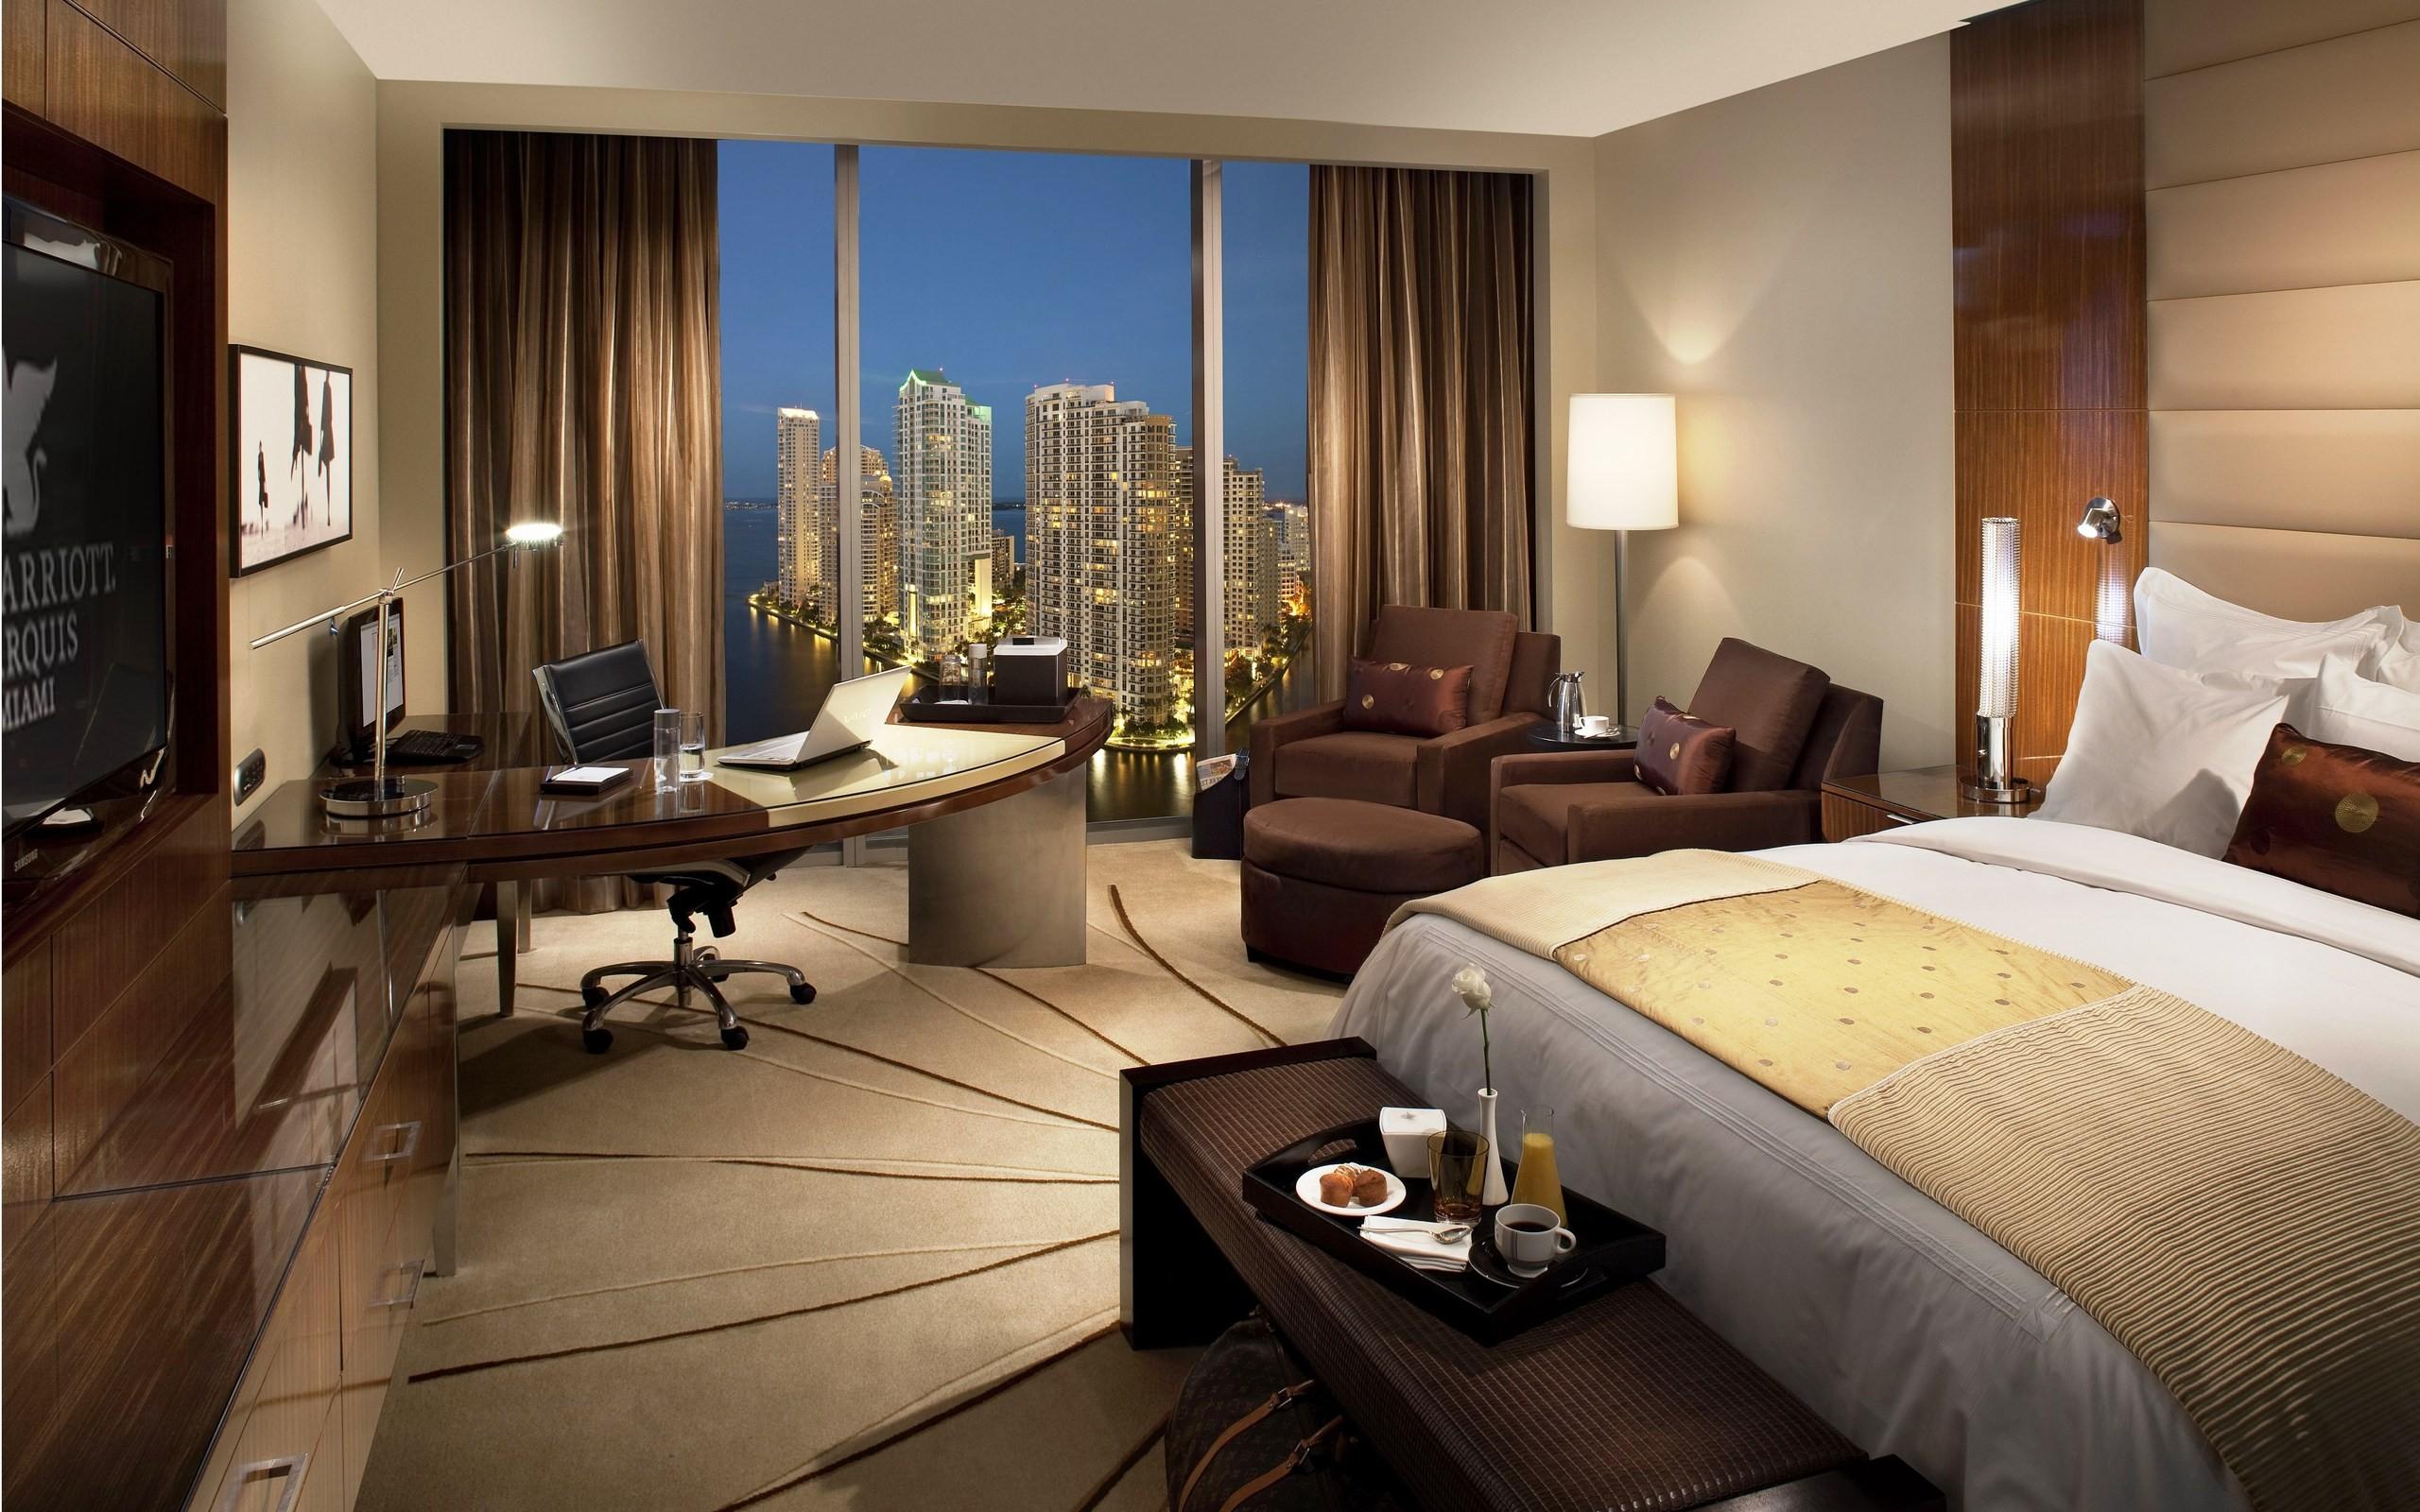 Diseño de habitación ejecutiva - 2560x1600